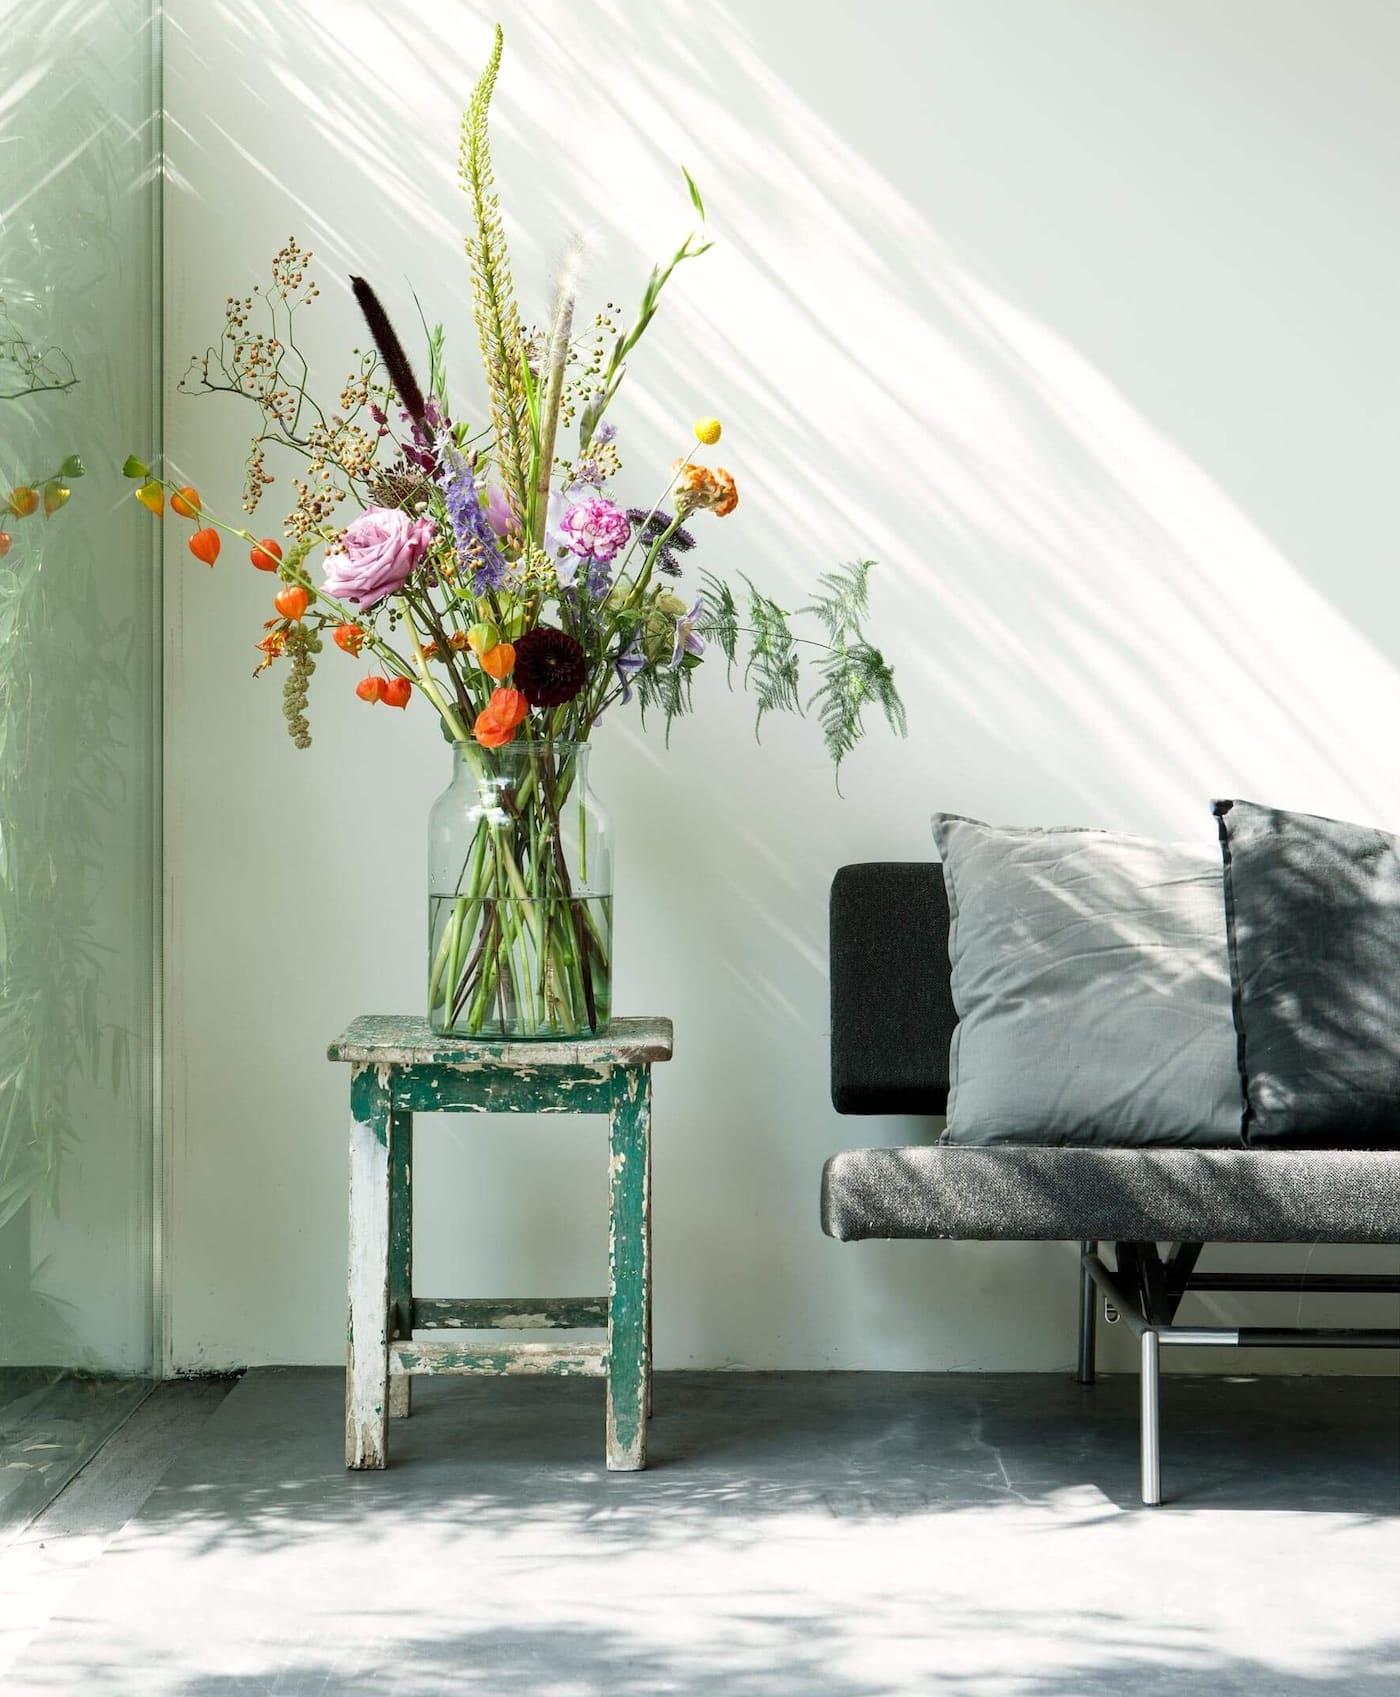 Muttertagsgeschenk-Klassiker: Blumen – besonders schöne Idee als Blumenabo // HIMBEER